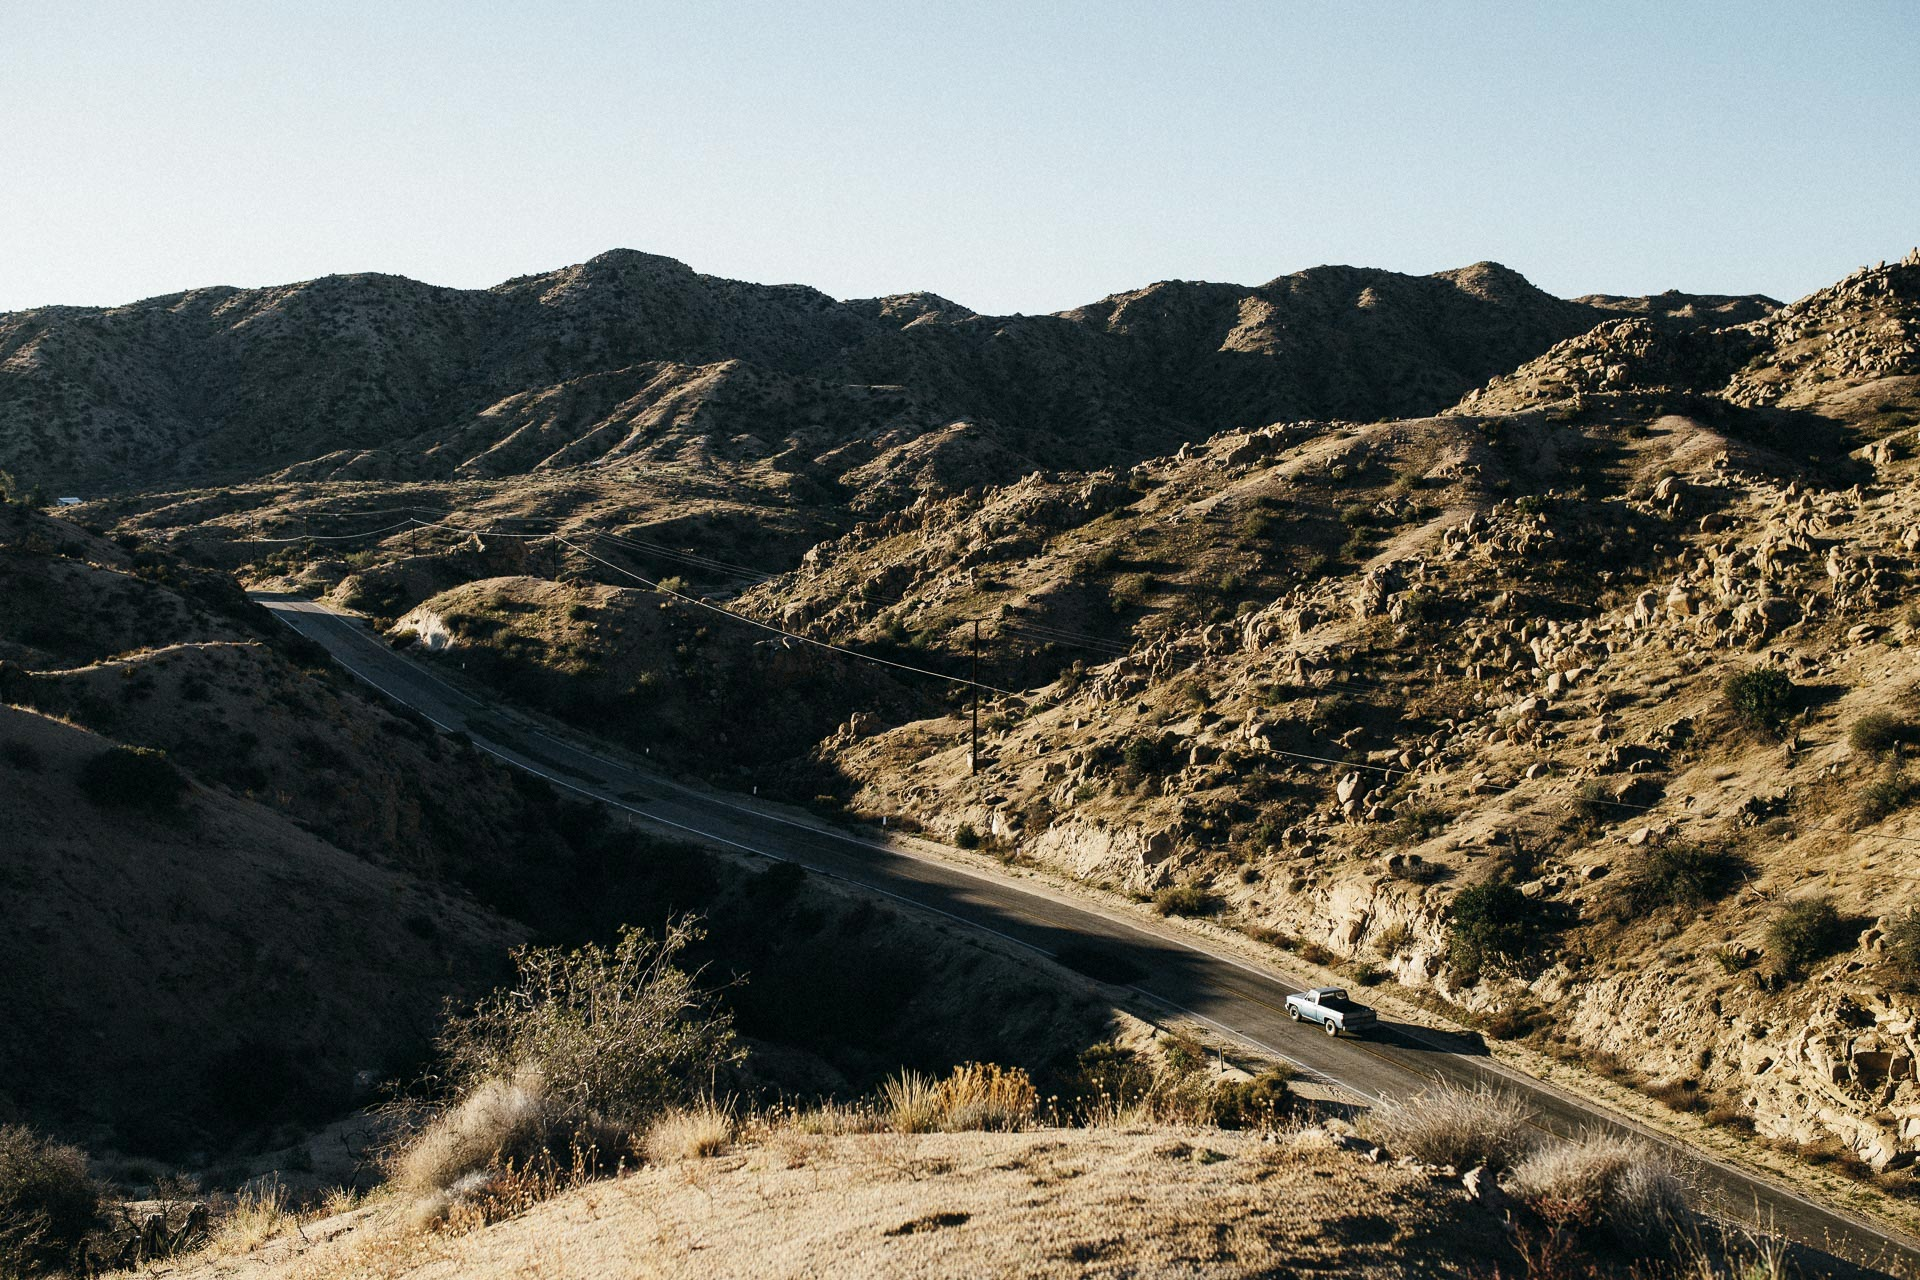 PalmSprings_JeanLaurentGaudy_003-California